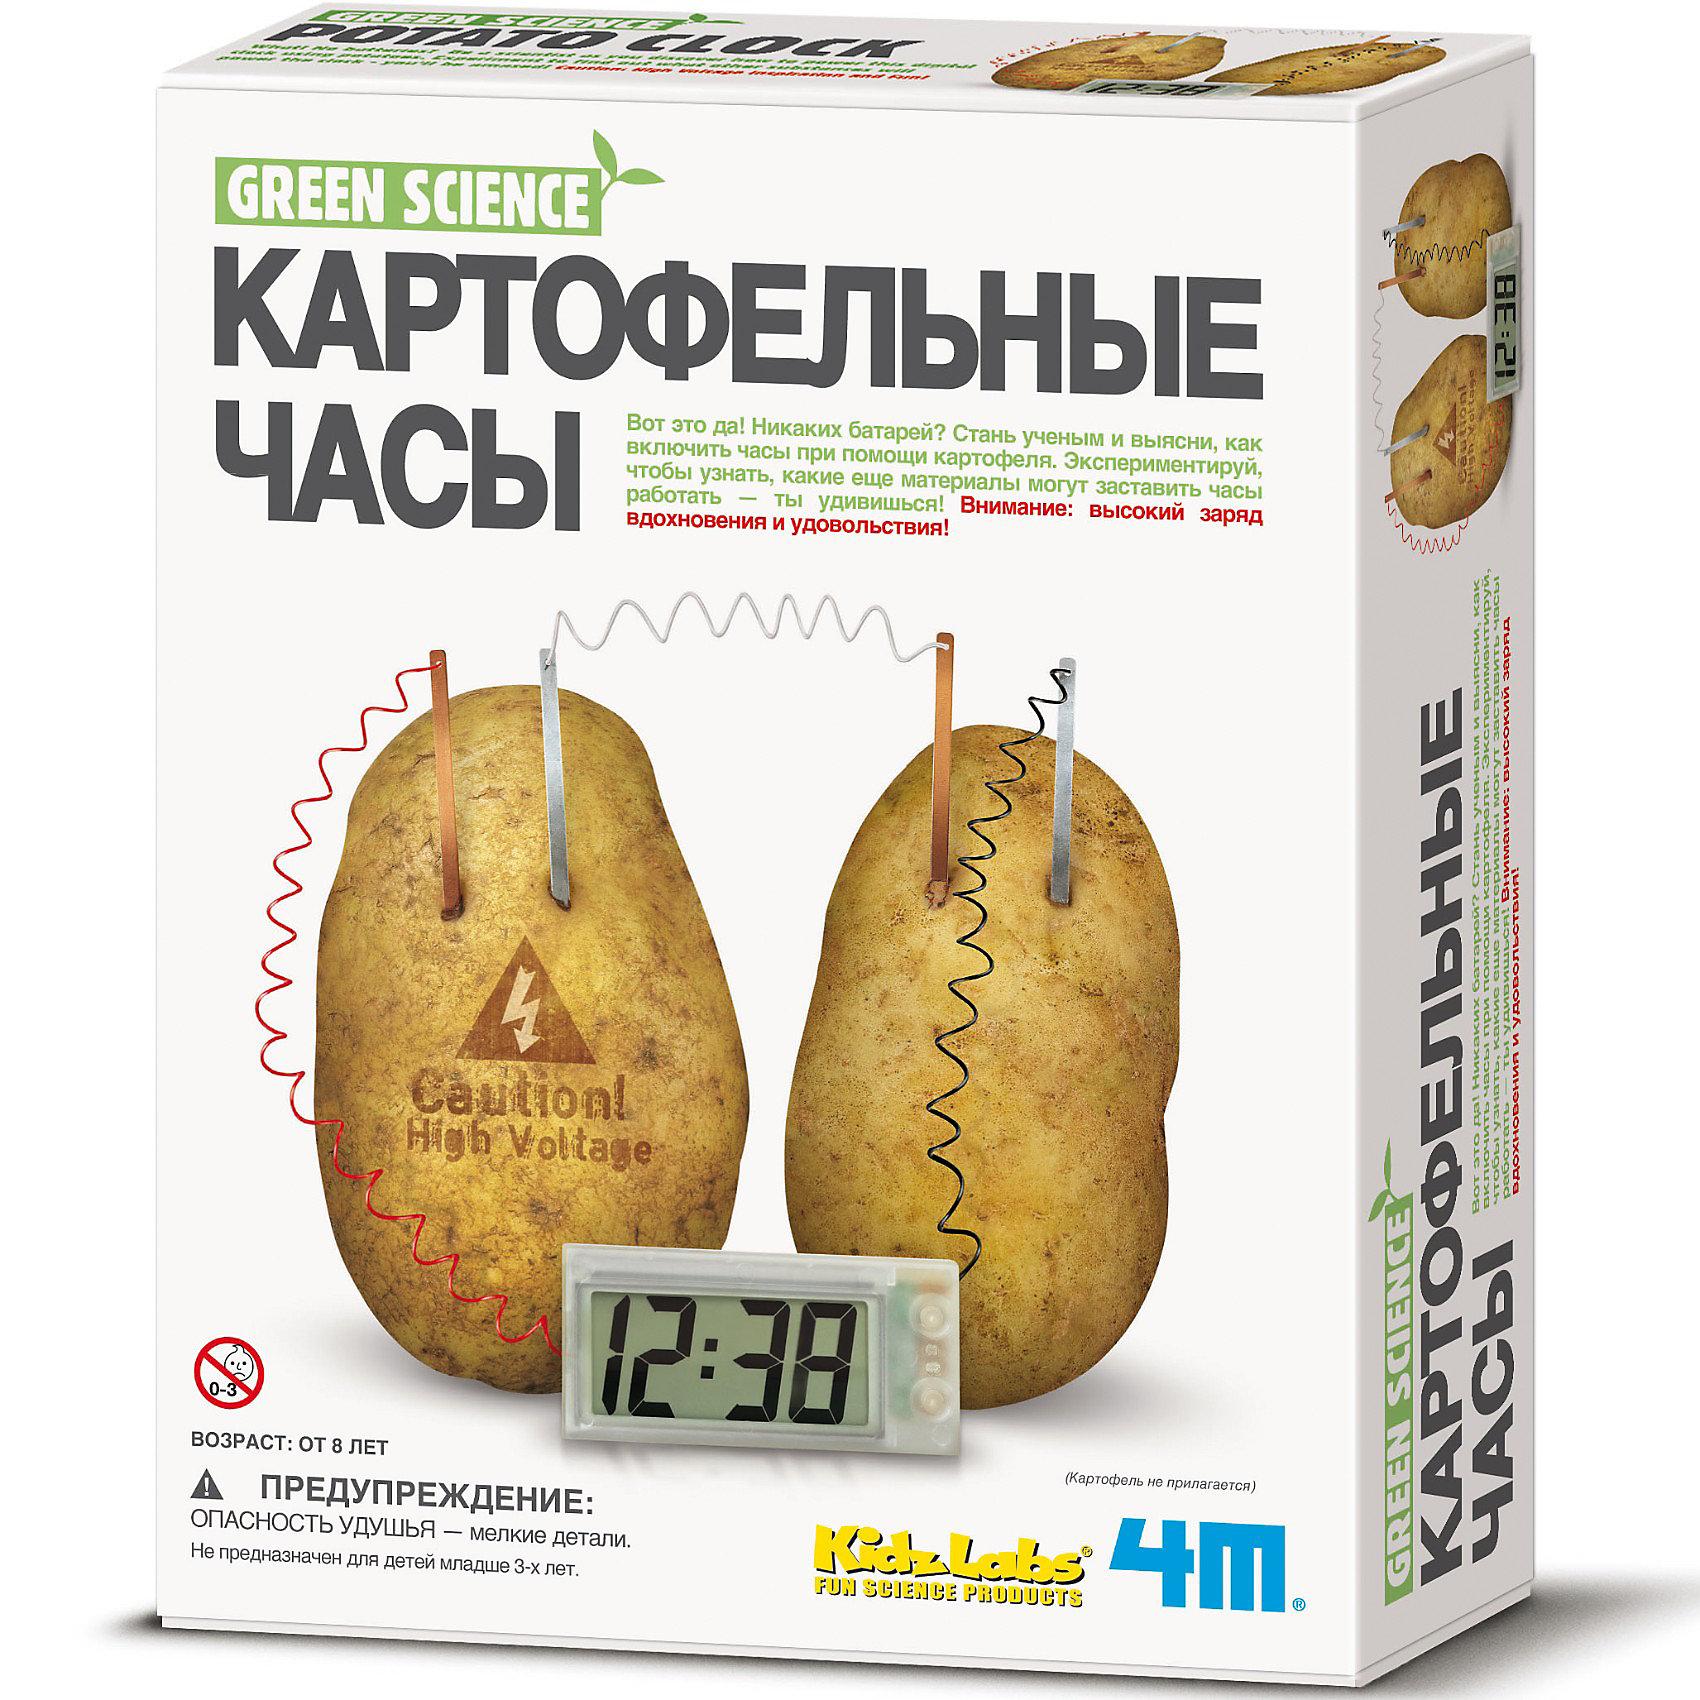 4M 4M 00-03275 Картофельные часы 4m 4m электростатическая магия